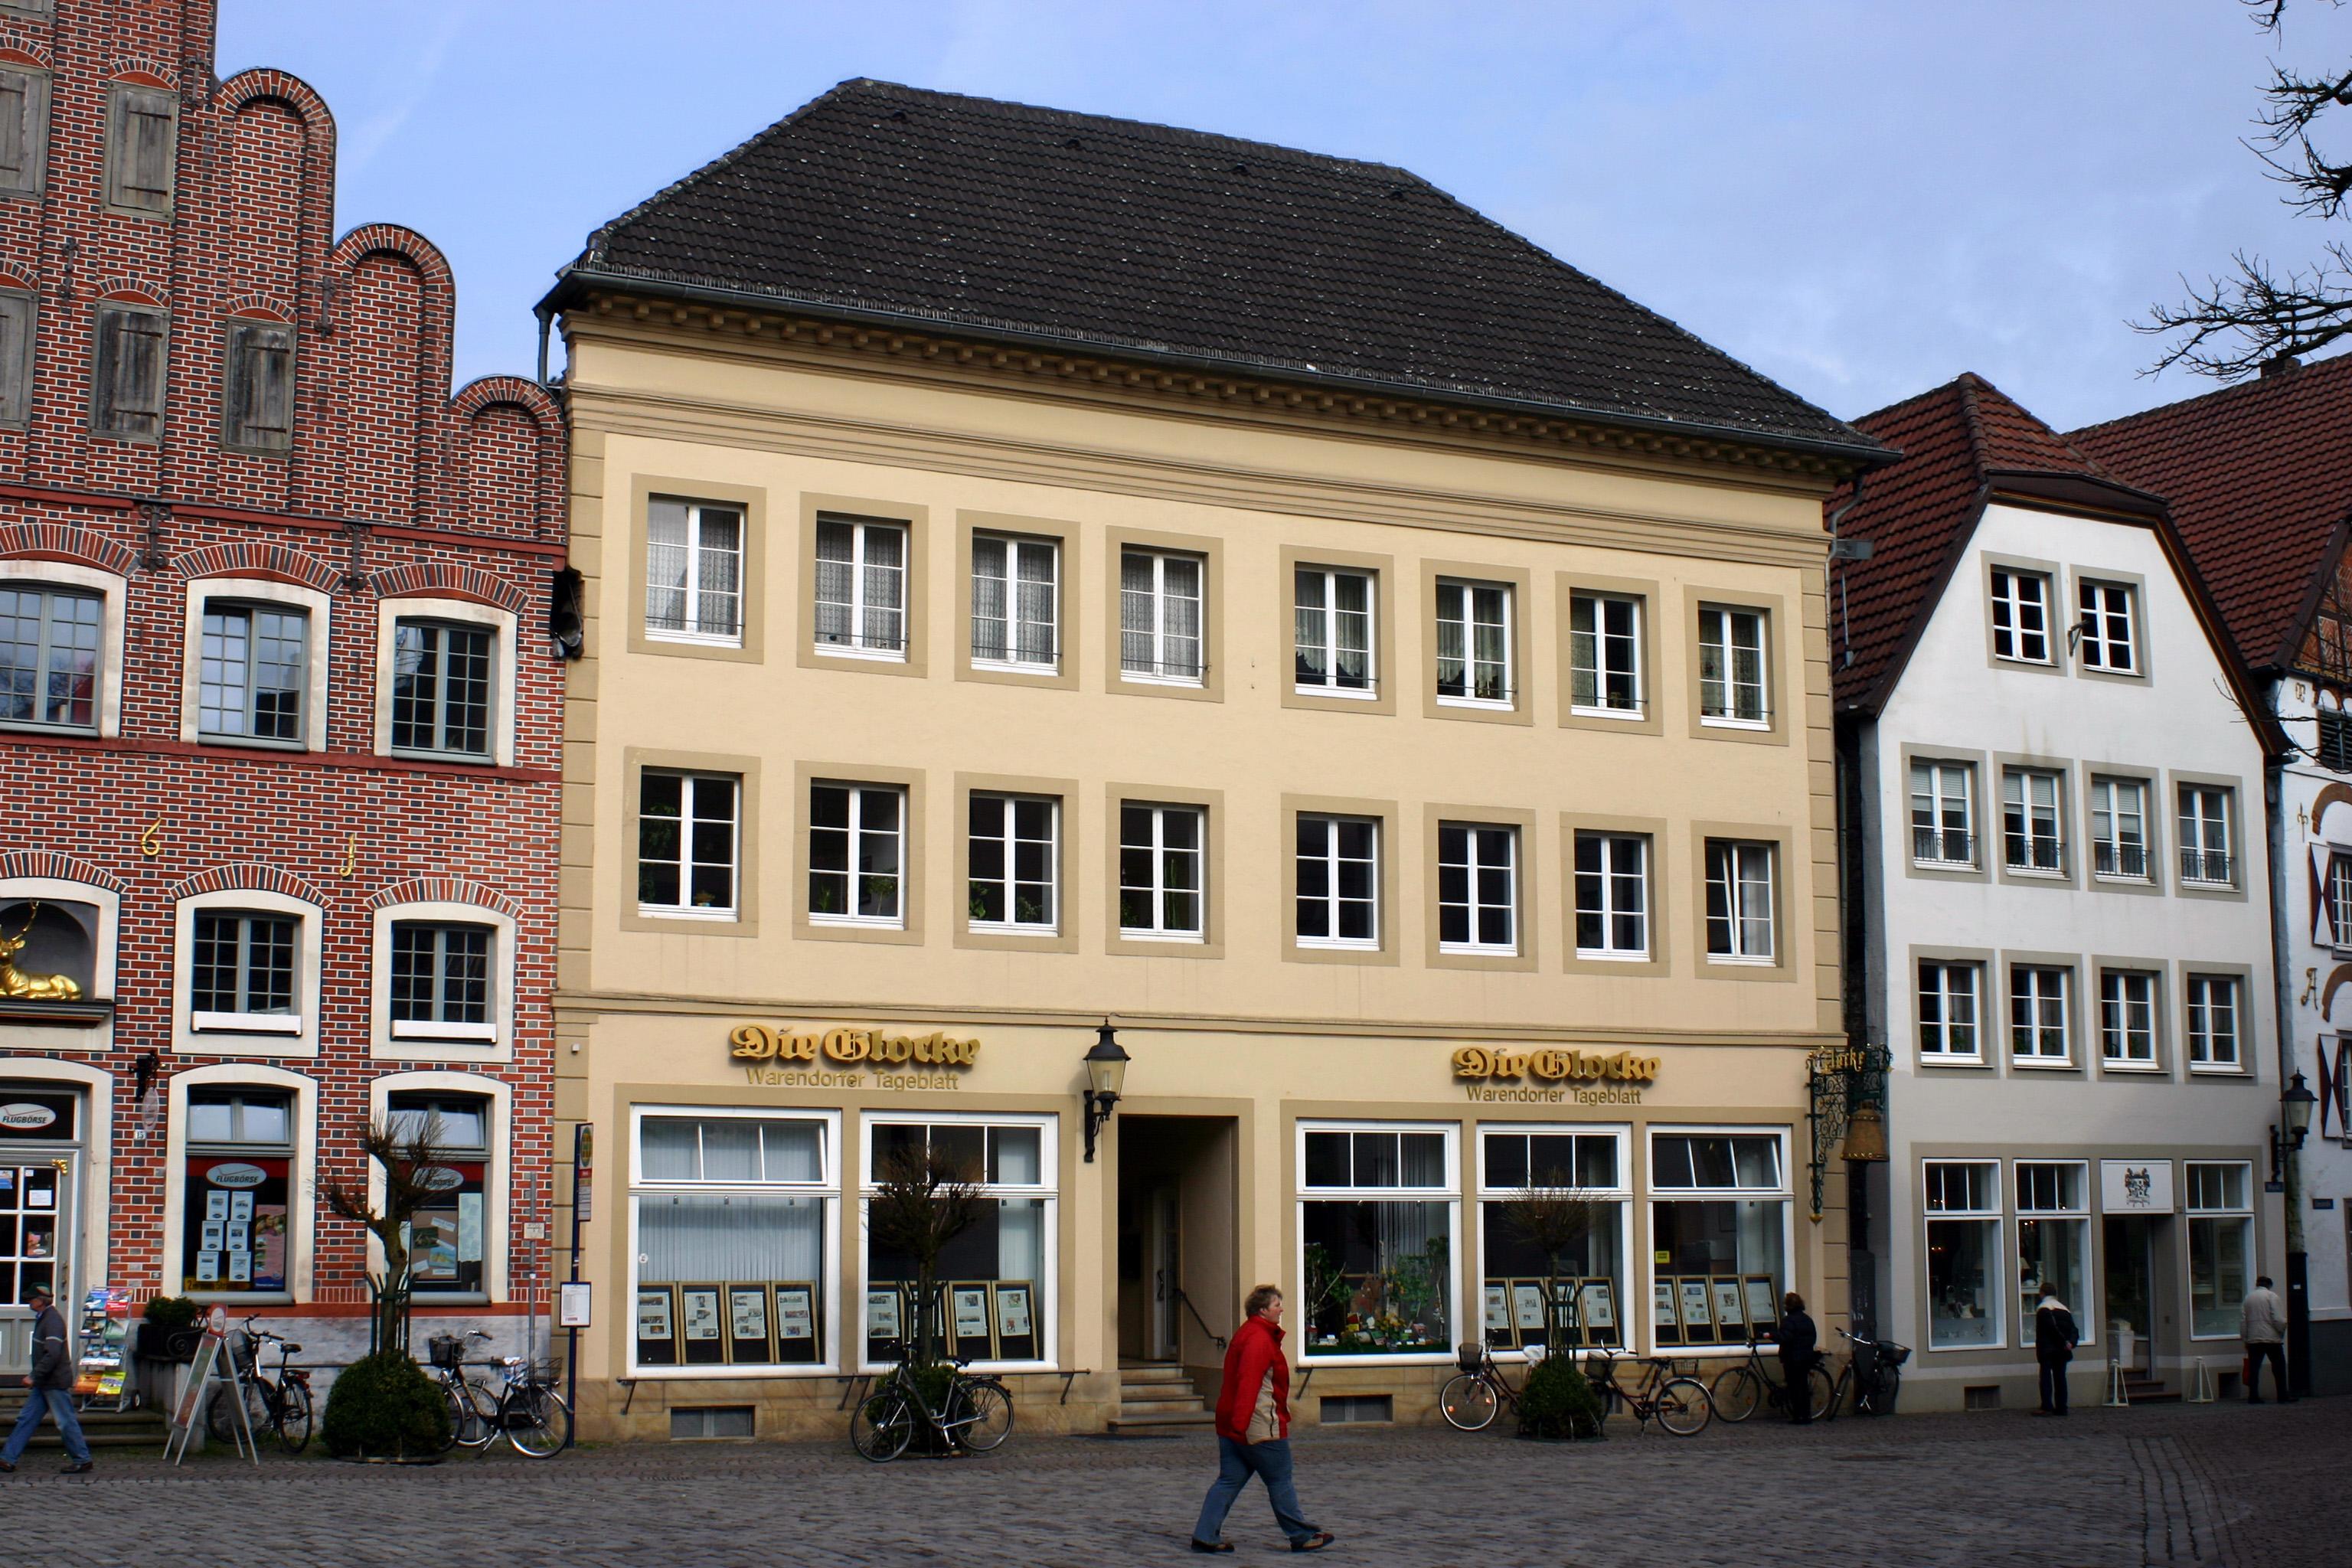 Glocken warendorf